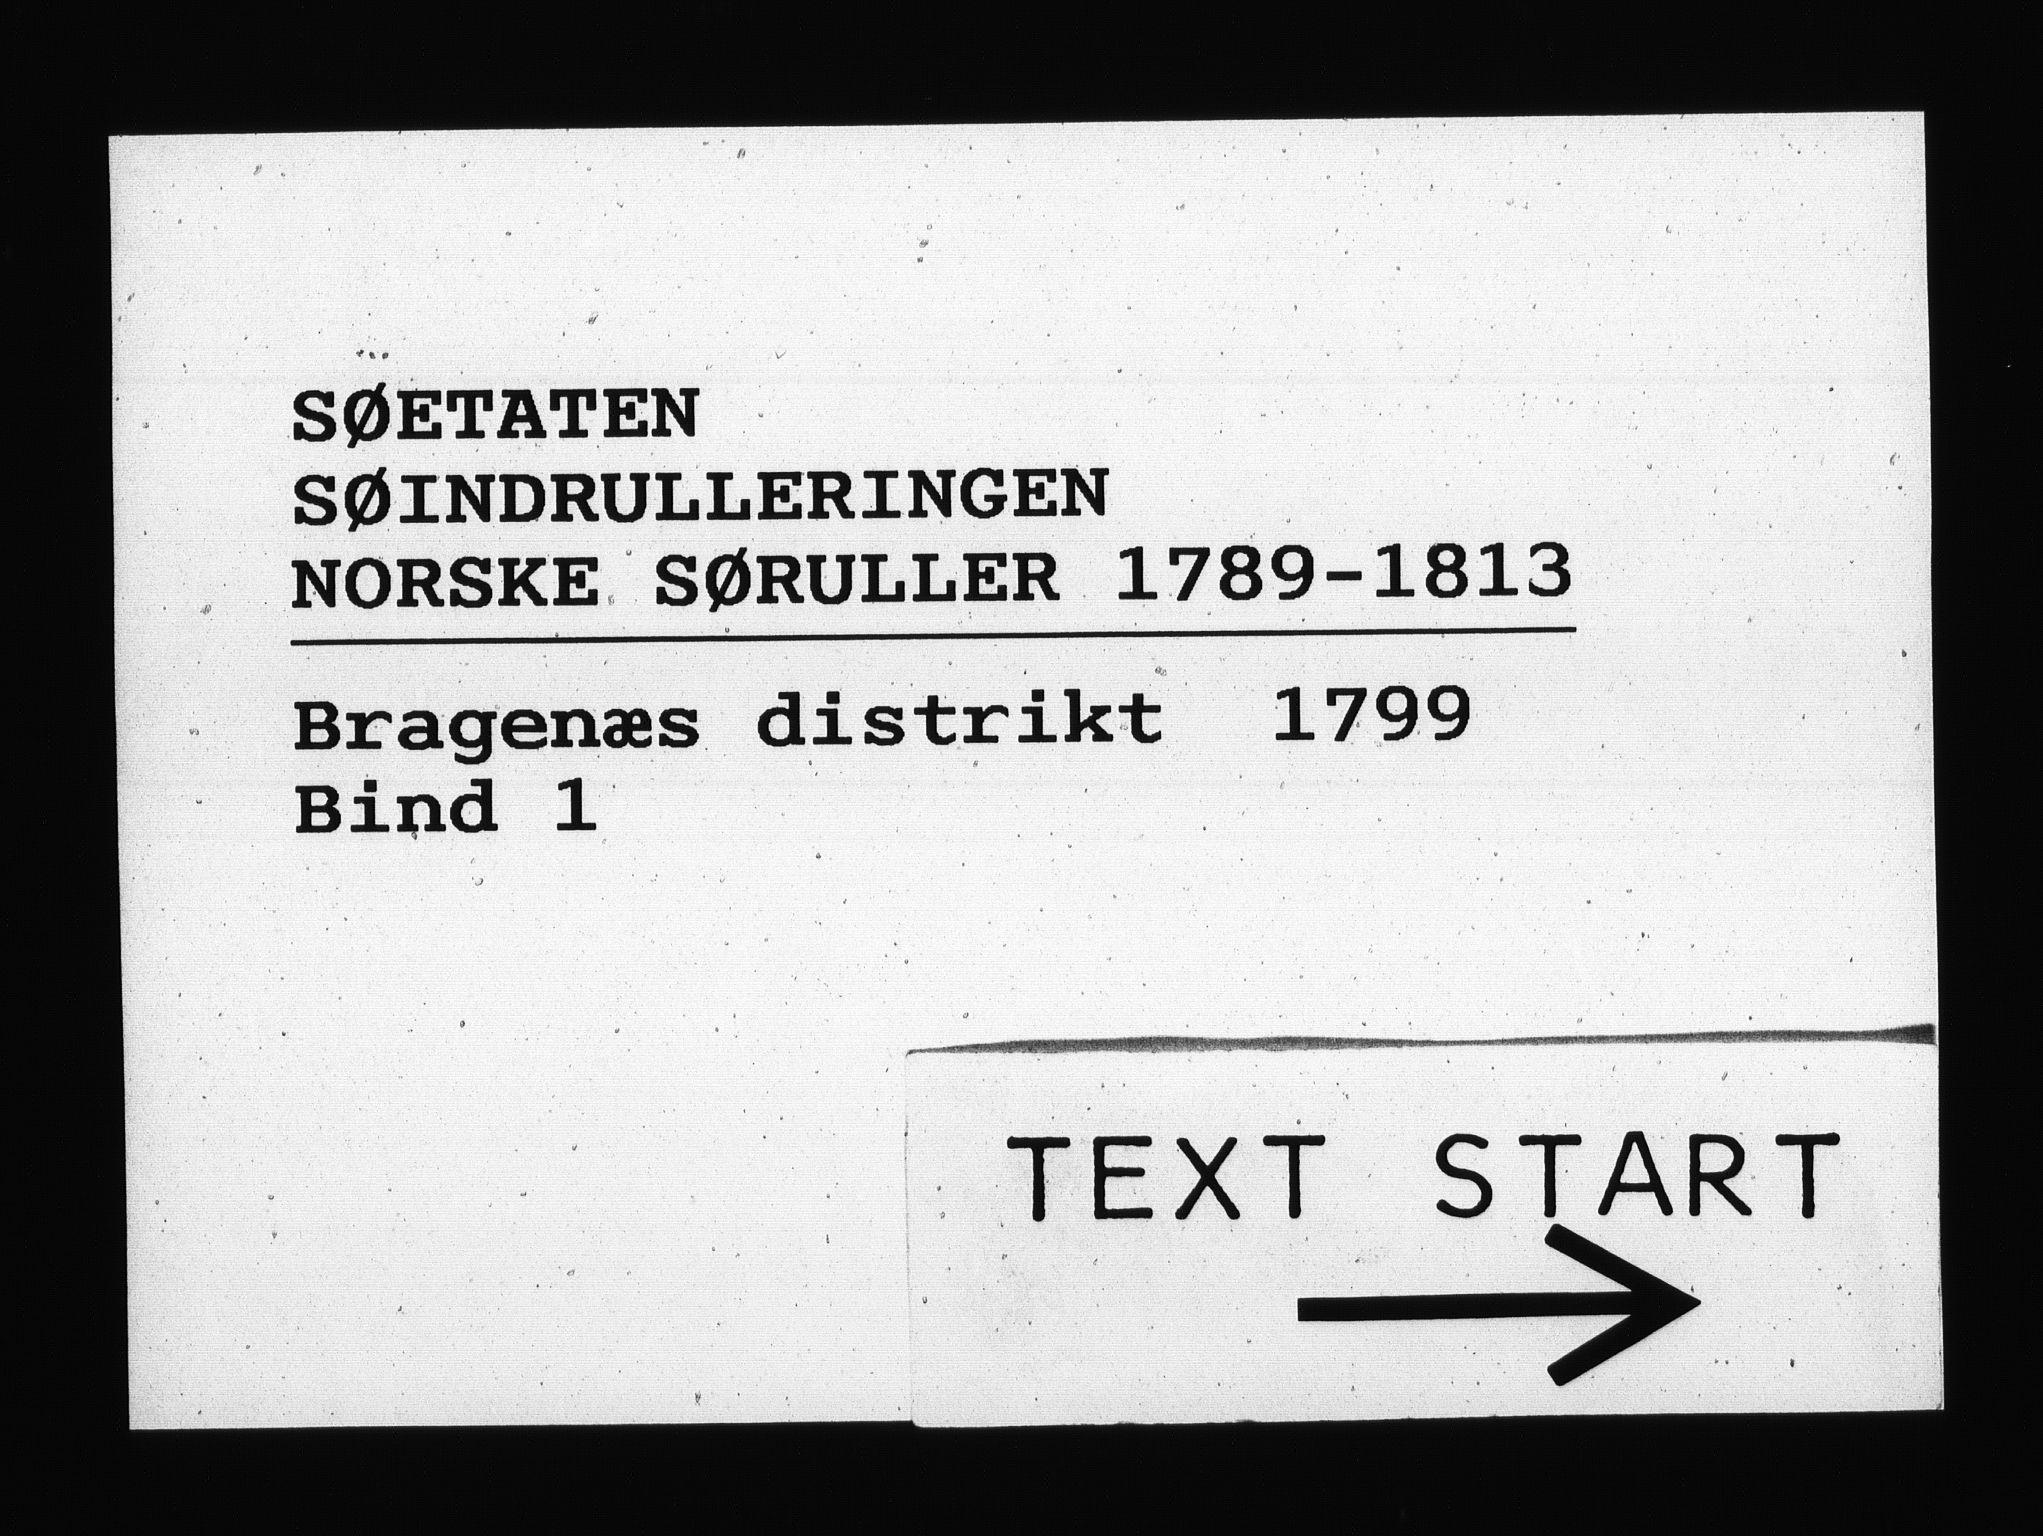 RA, Sjøetaten, F/L0125: Bragernes distrikt, bind 1, 1799